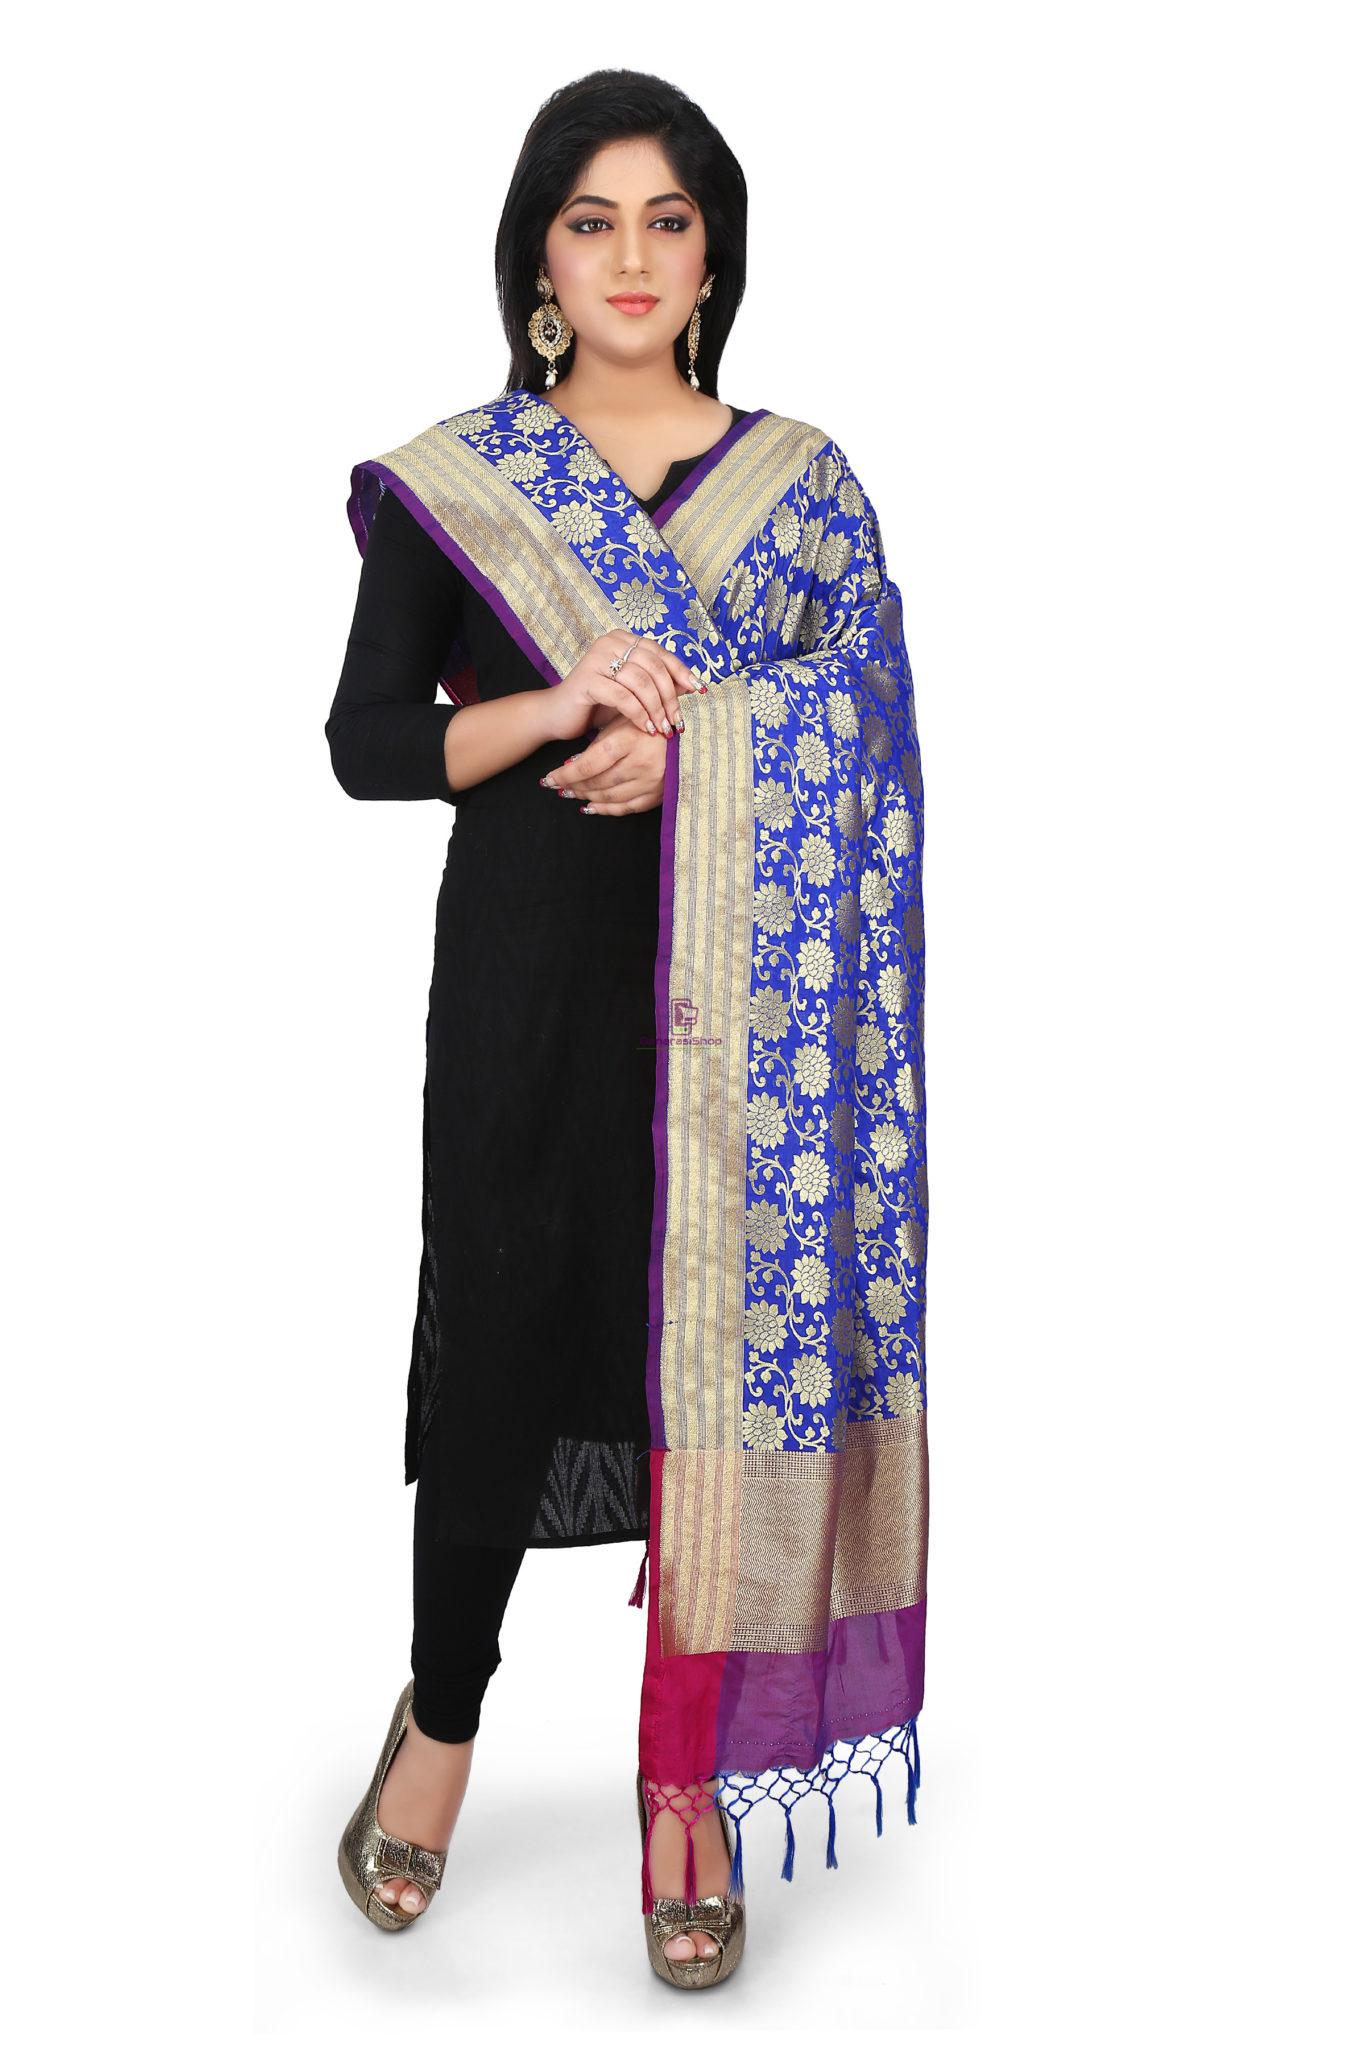 Woven Banarasi Art Silk Dupatta in Royal Blue 1